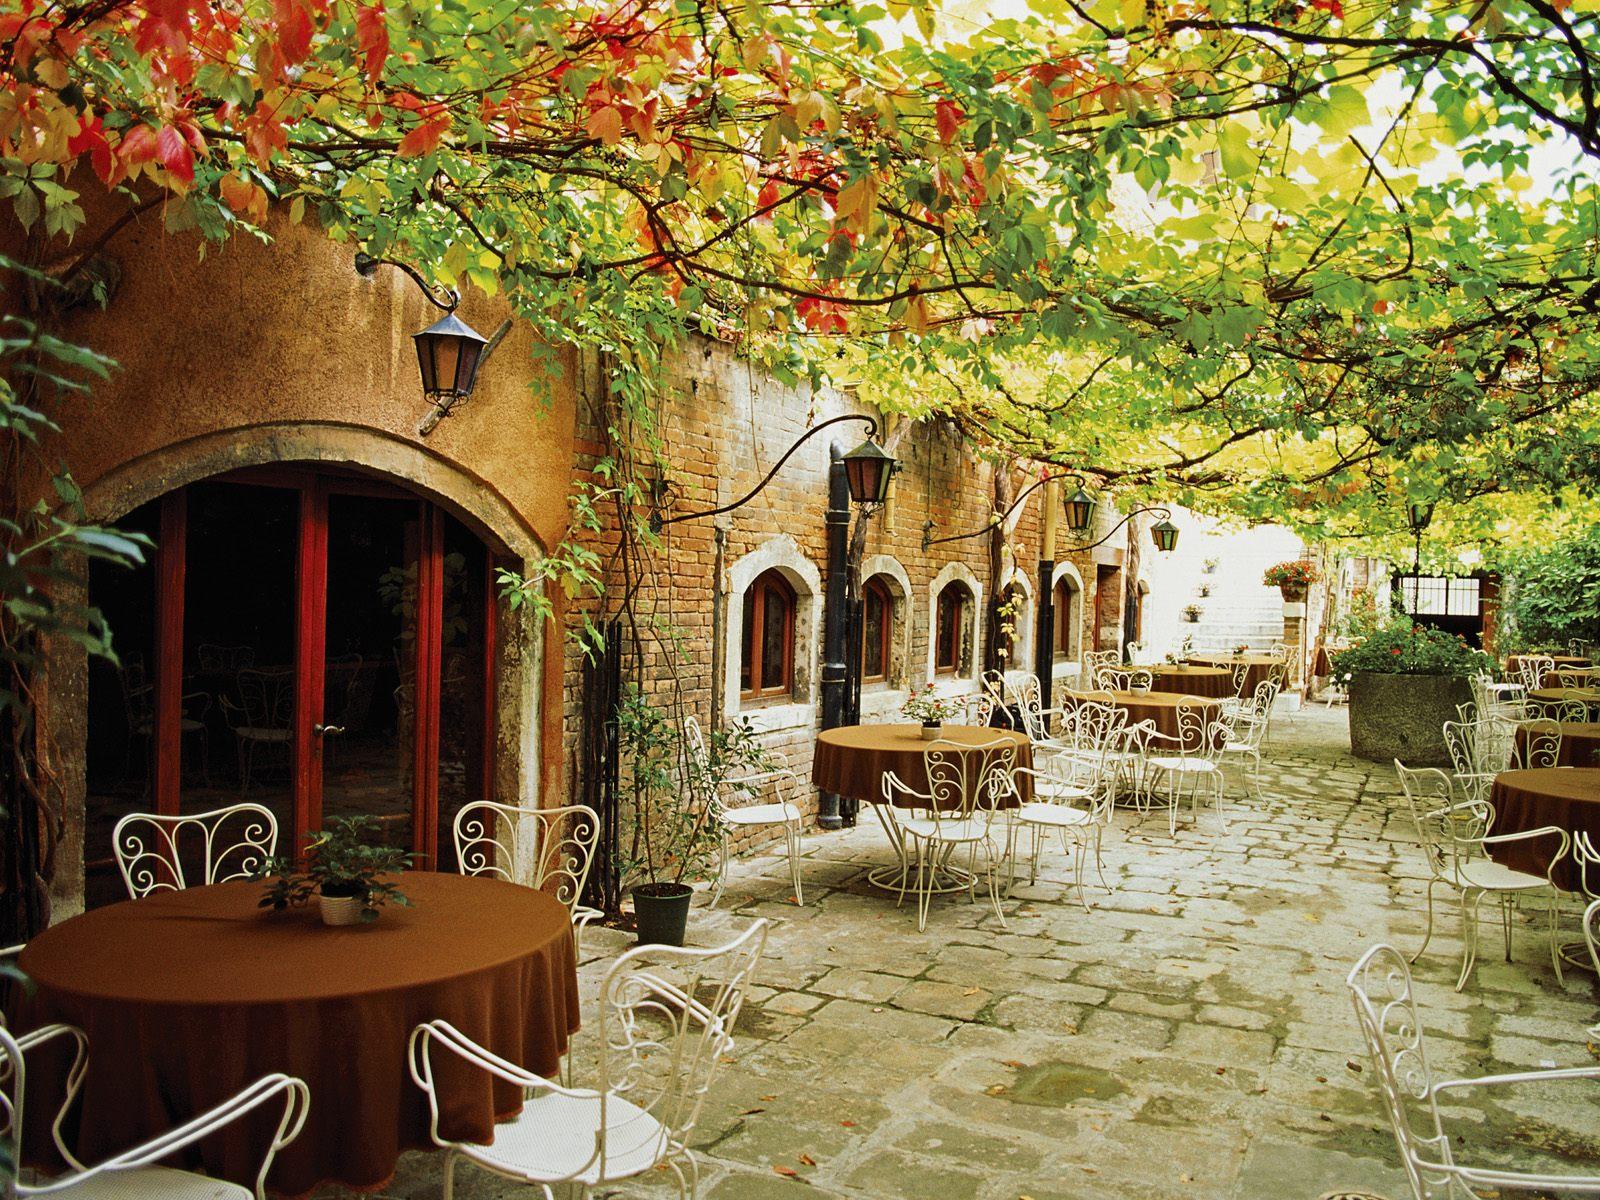 italy venice romantic place places italian dining italia amazing tuscany cafe alfresco restaurant beauty cities venezia venecia bing spot around